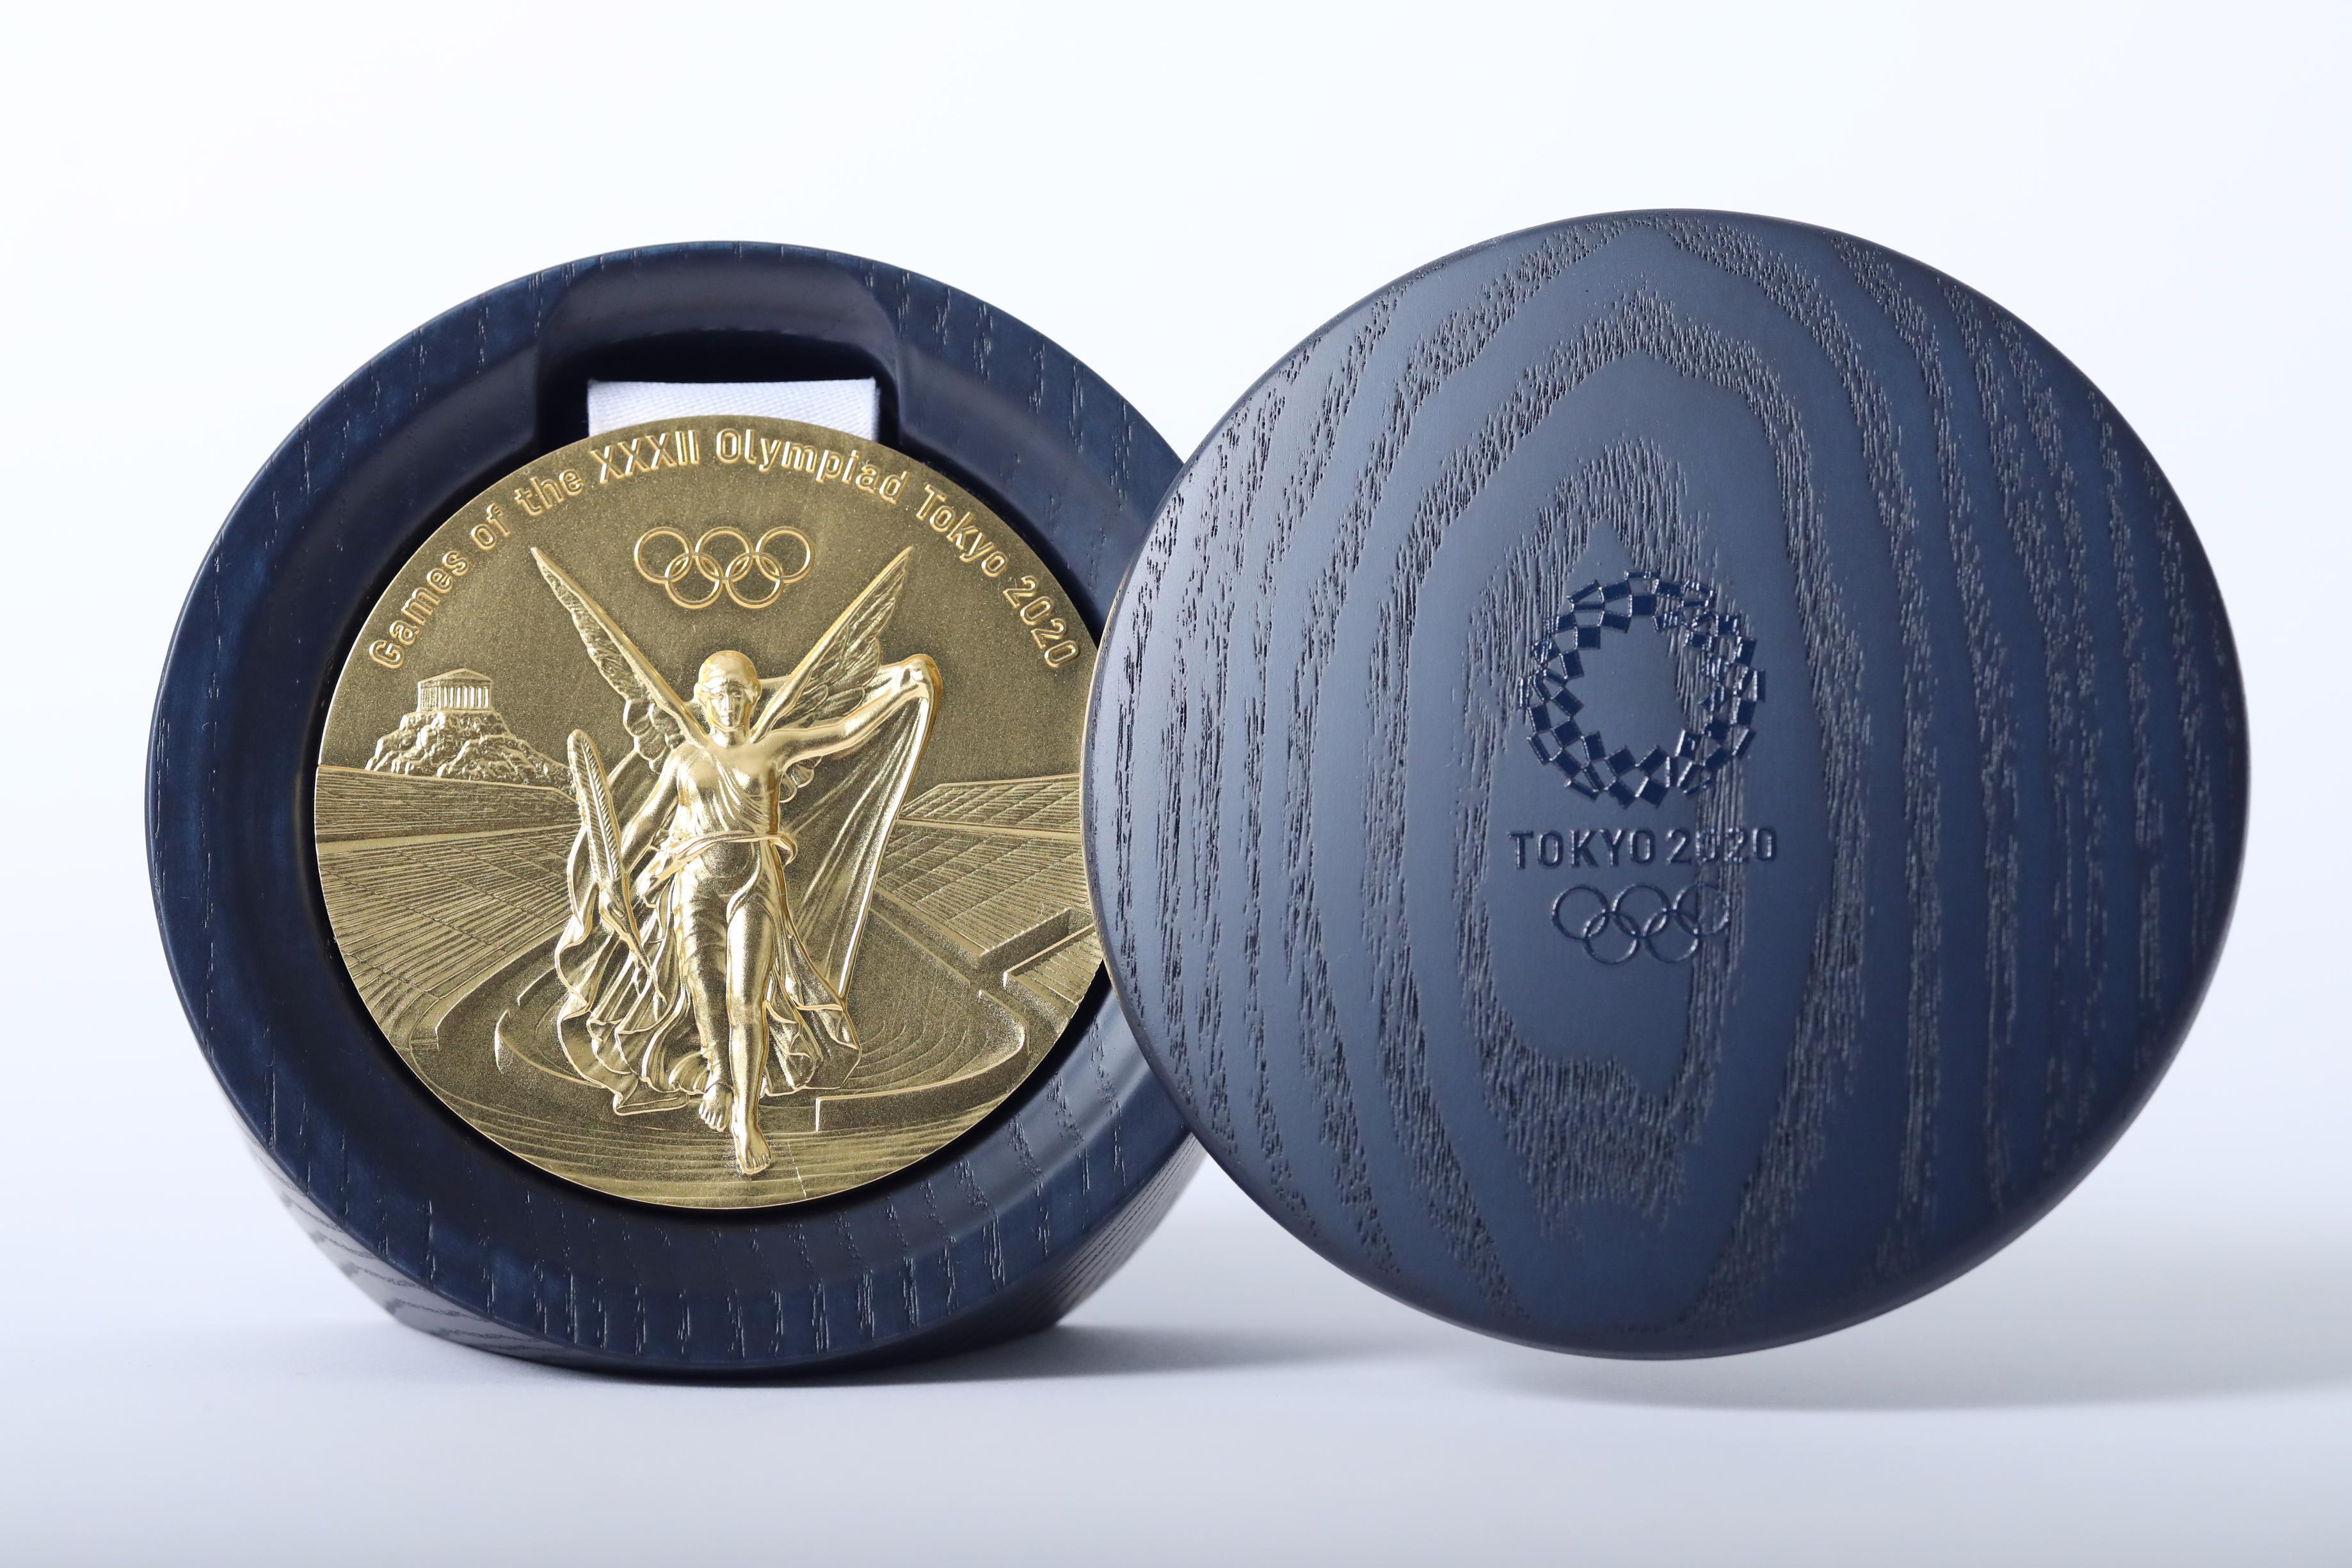 Risultati immagini per tokyo 2020 medals